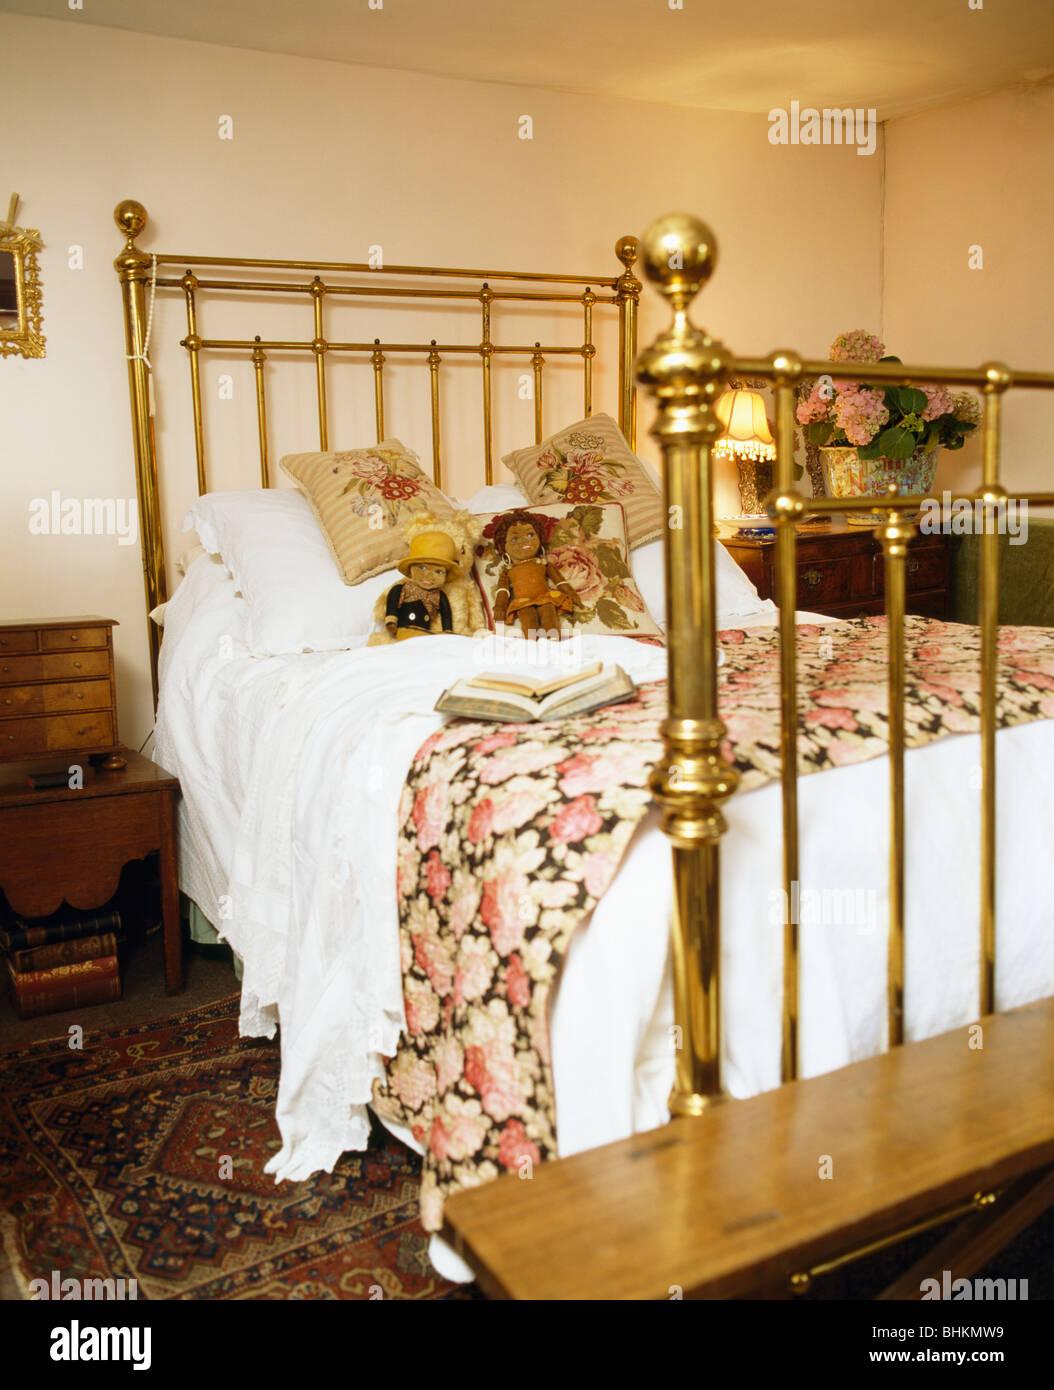 Quilt Rose gemustert und weiße Bettwäsche auf antikem Messingbett in ...